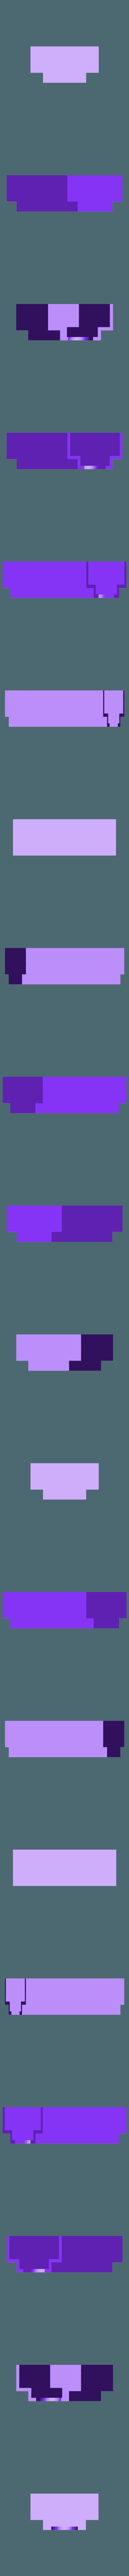 4''.STL Télécharger fichier STL Étaux • Objet imprimable en 3D, le-padre